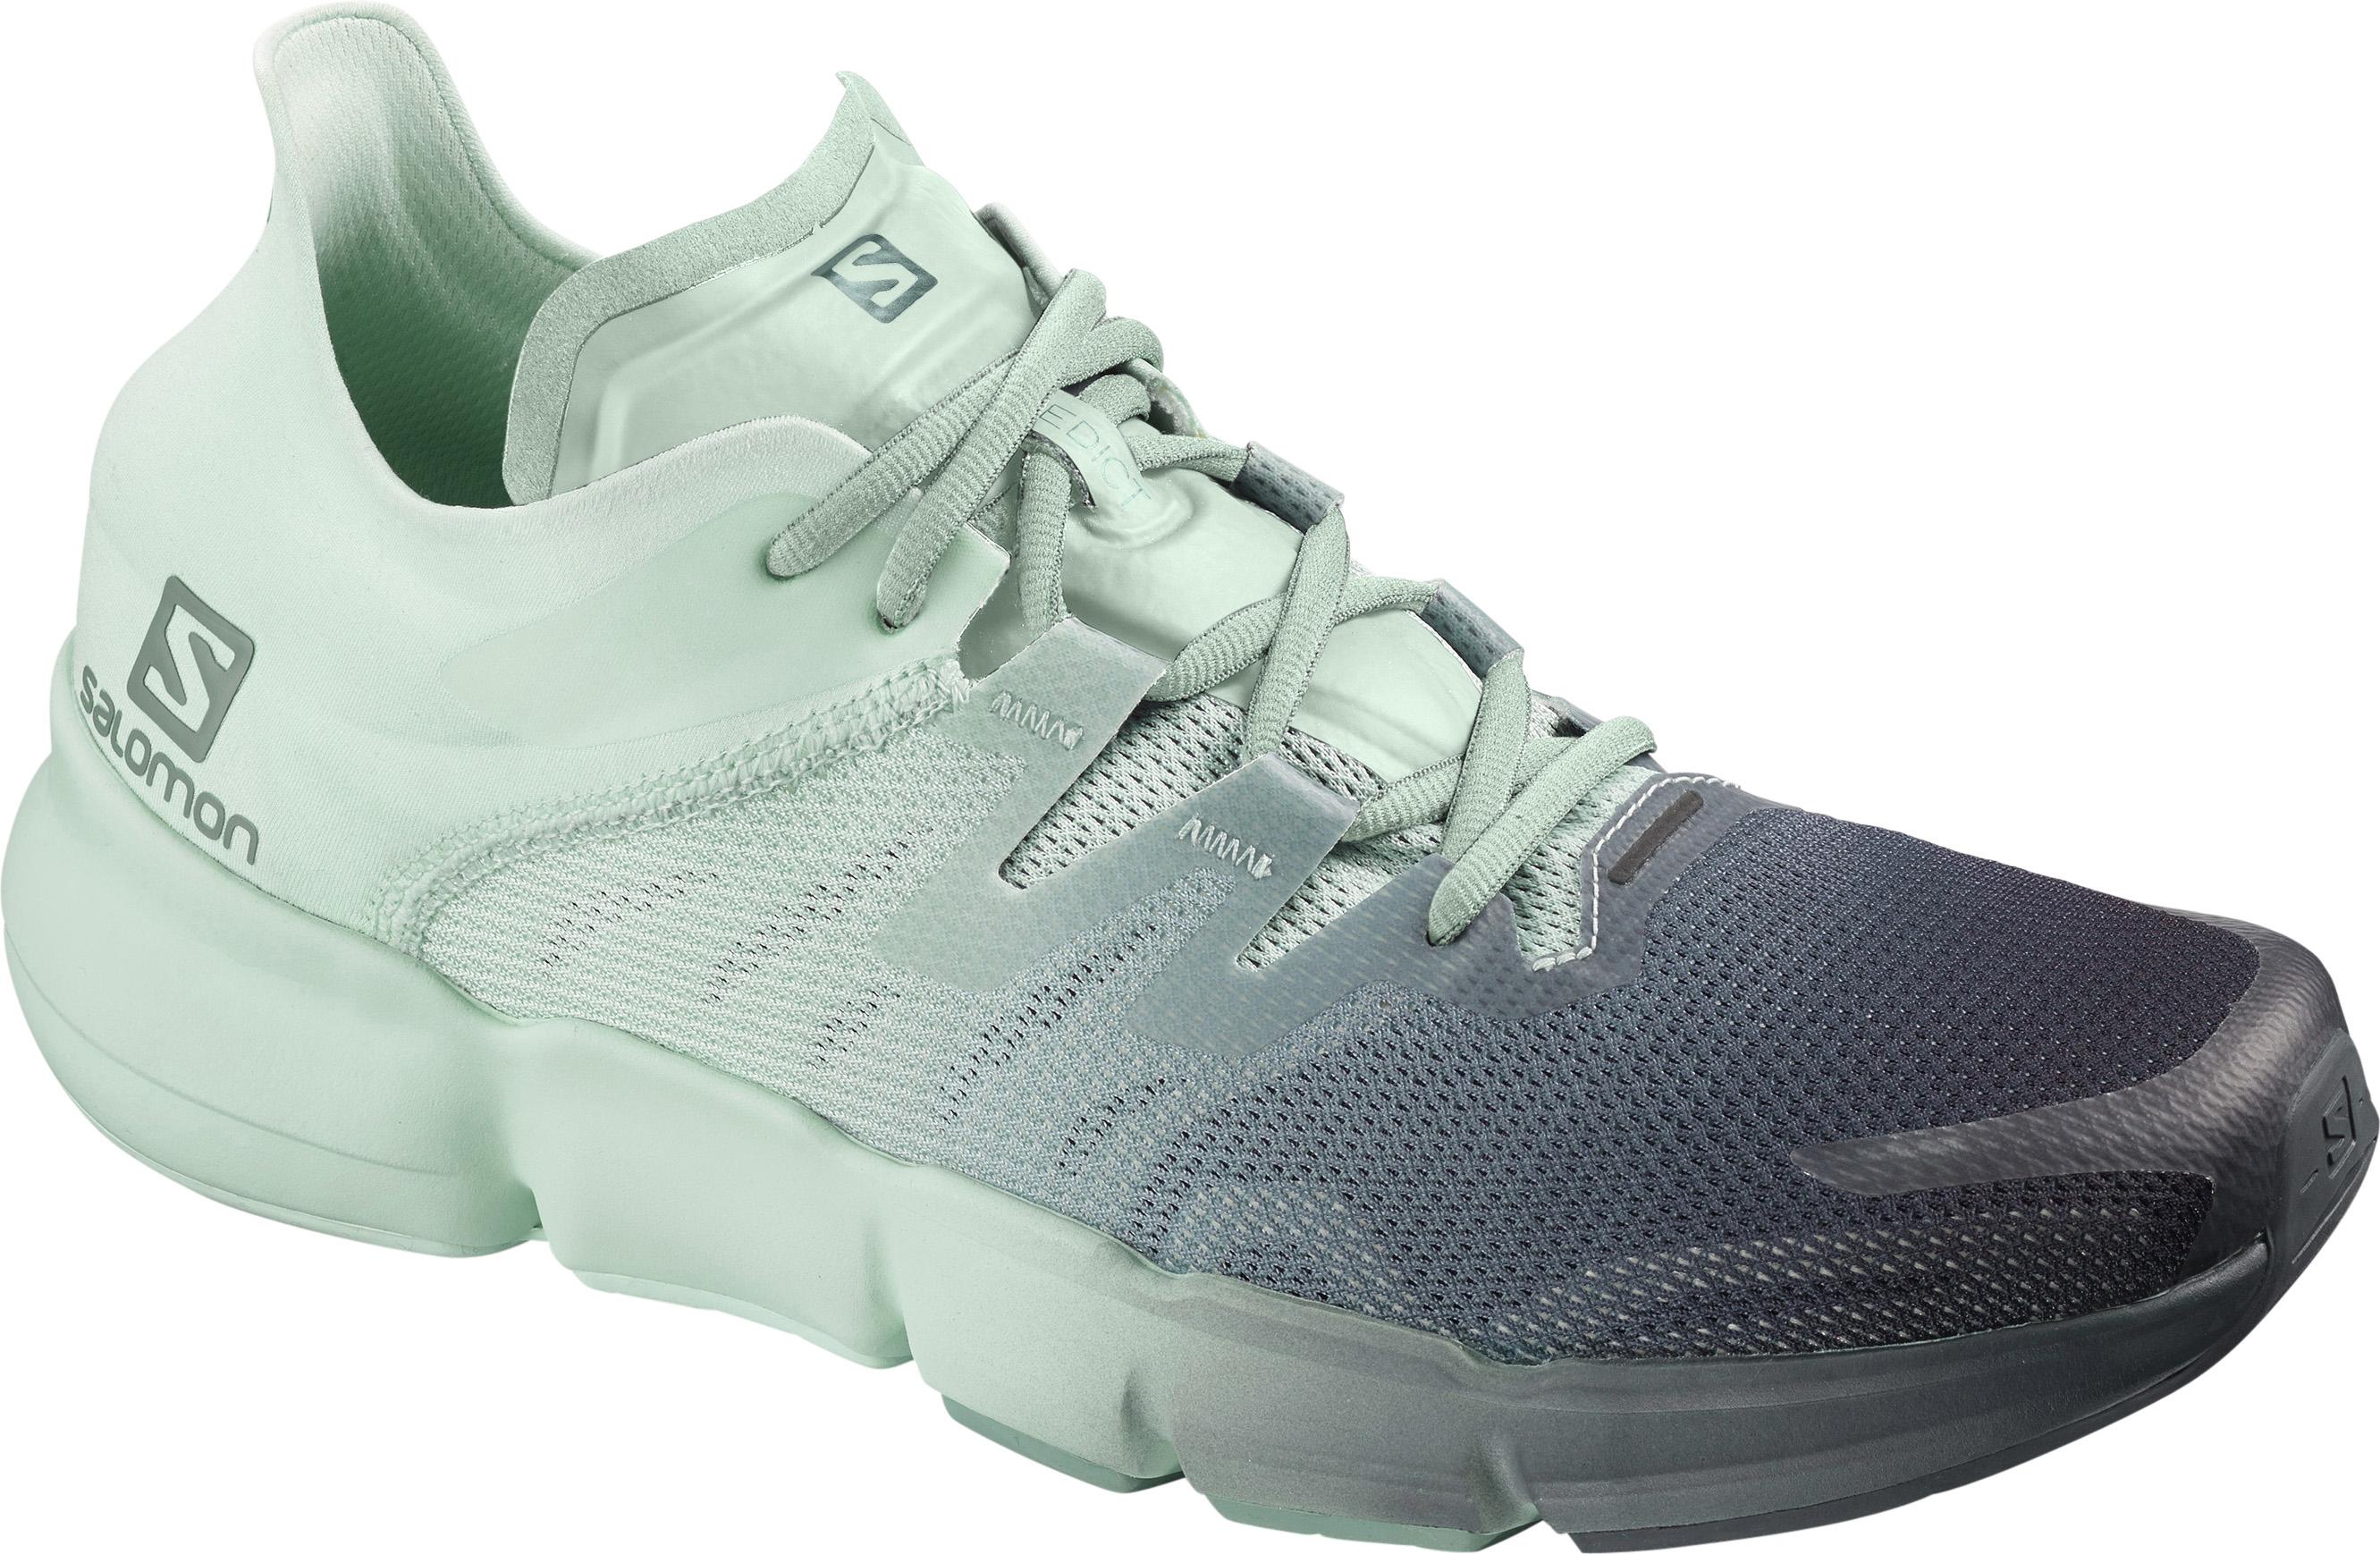 Salomon Predict RA: Zapatillas running asfalto neutras. Análisis técnico por Mayayo.